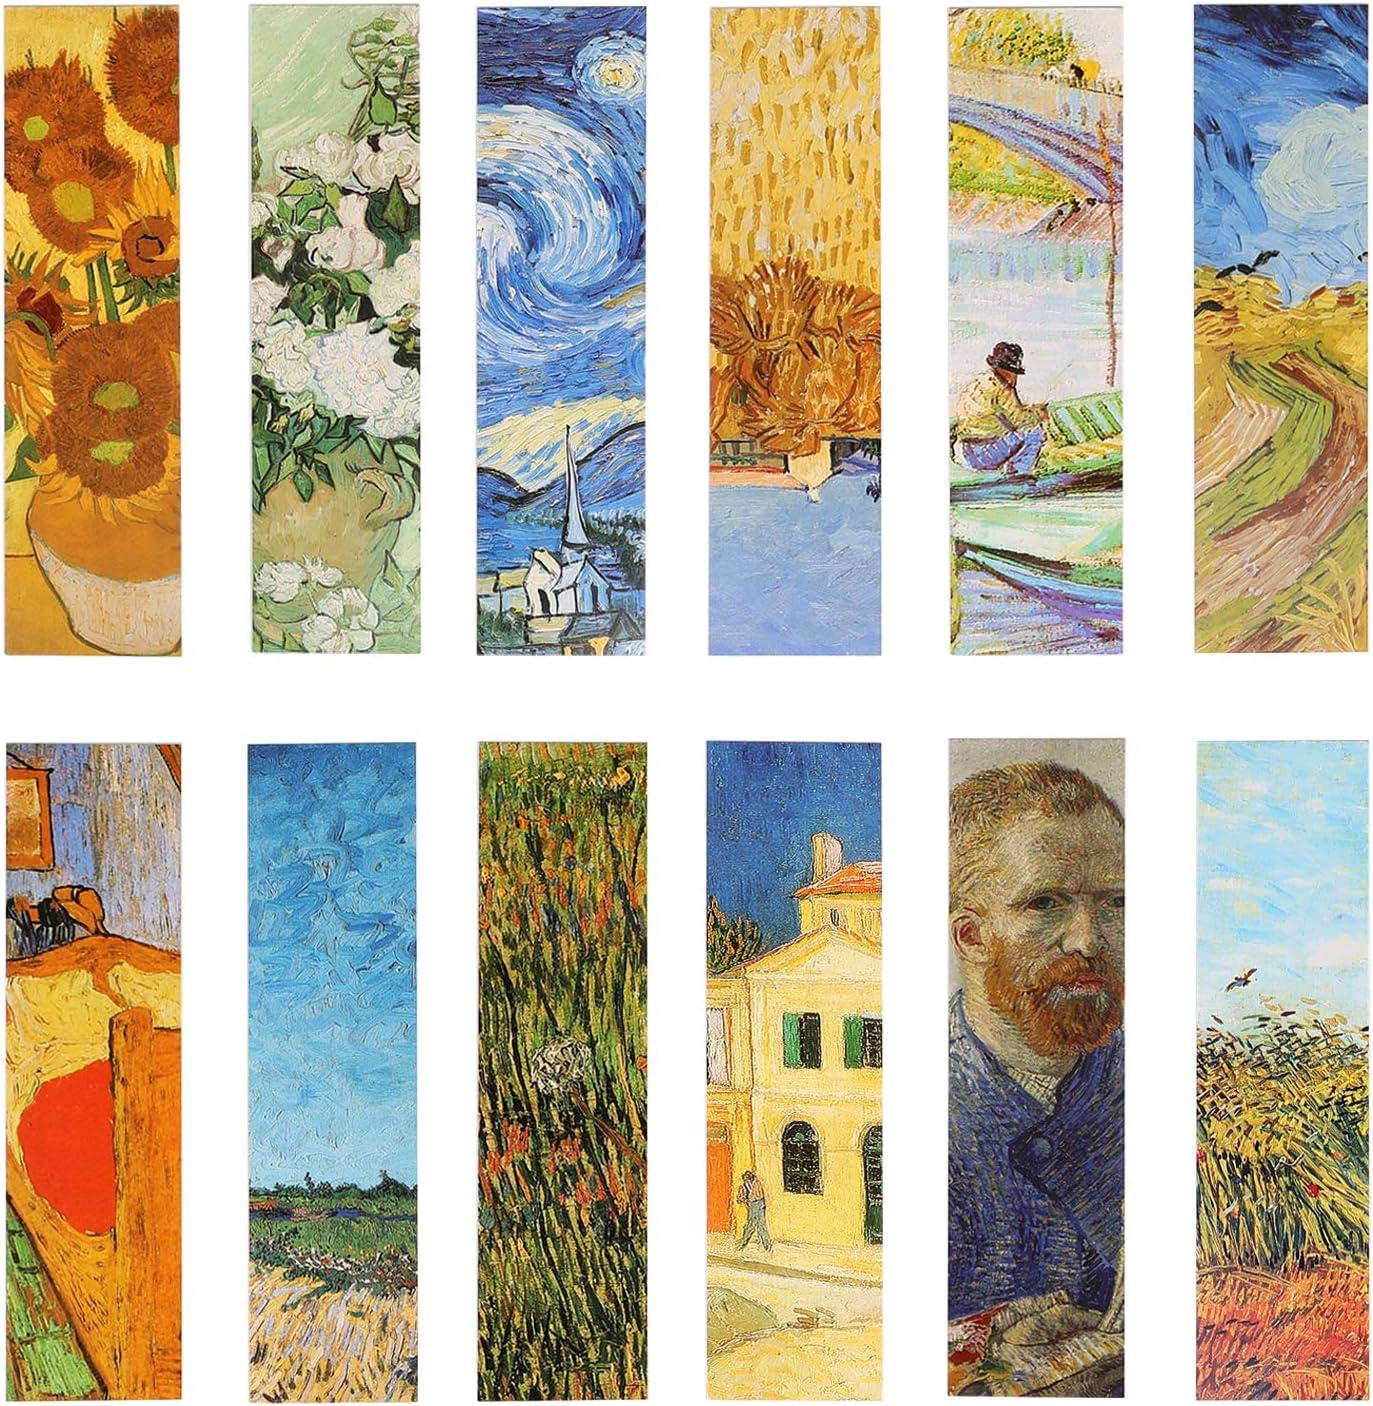 Pack de 30 marcapáginas con diseño de pinturas al óleo de Van Gogh. Para mujeres, hombres, niños y niñas